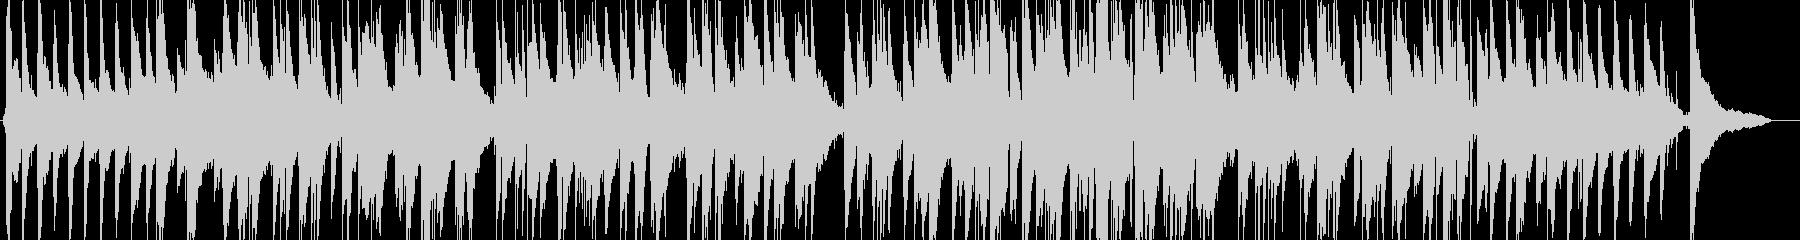 アヴェマリアのジャズピアノの未再生の波形